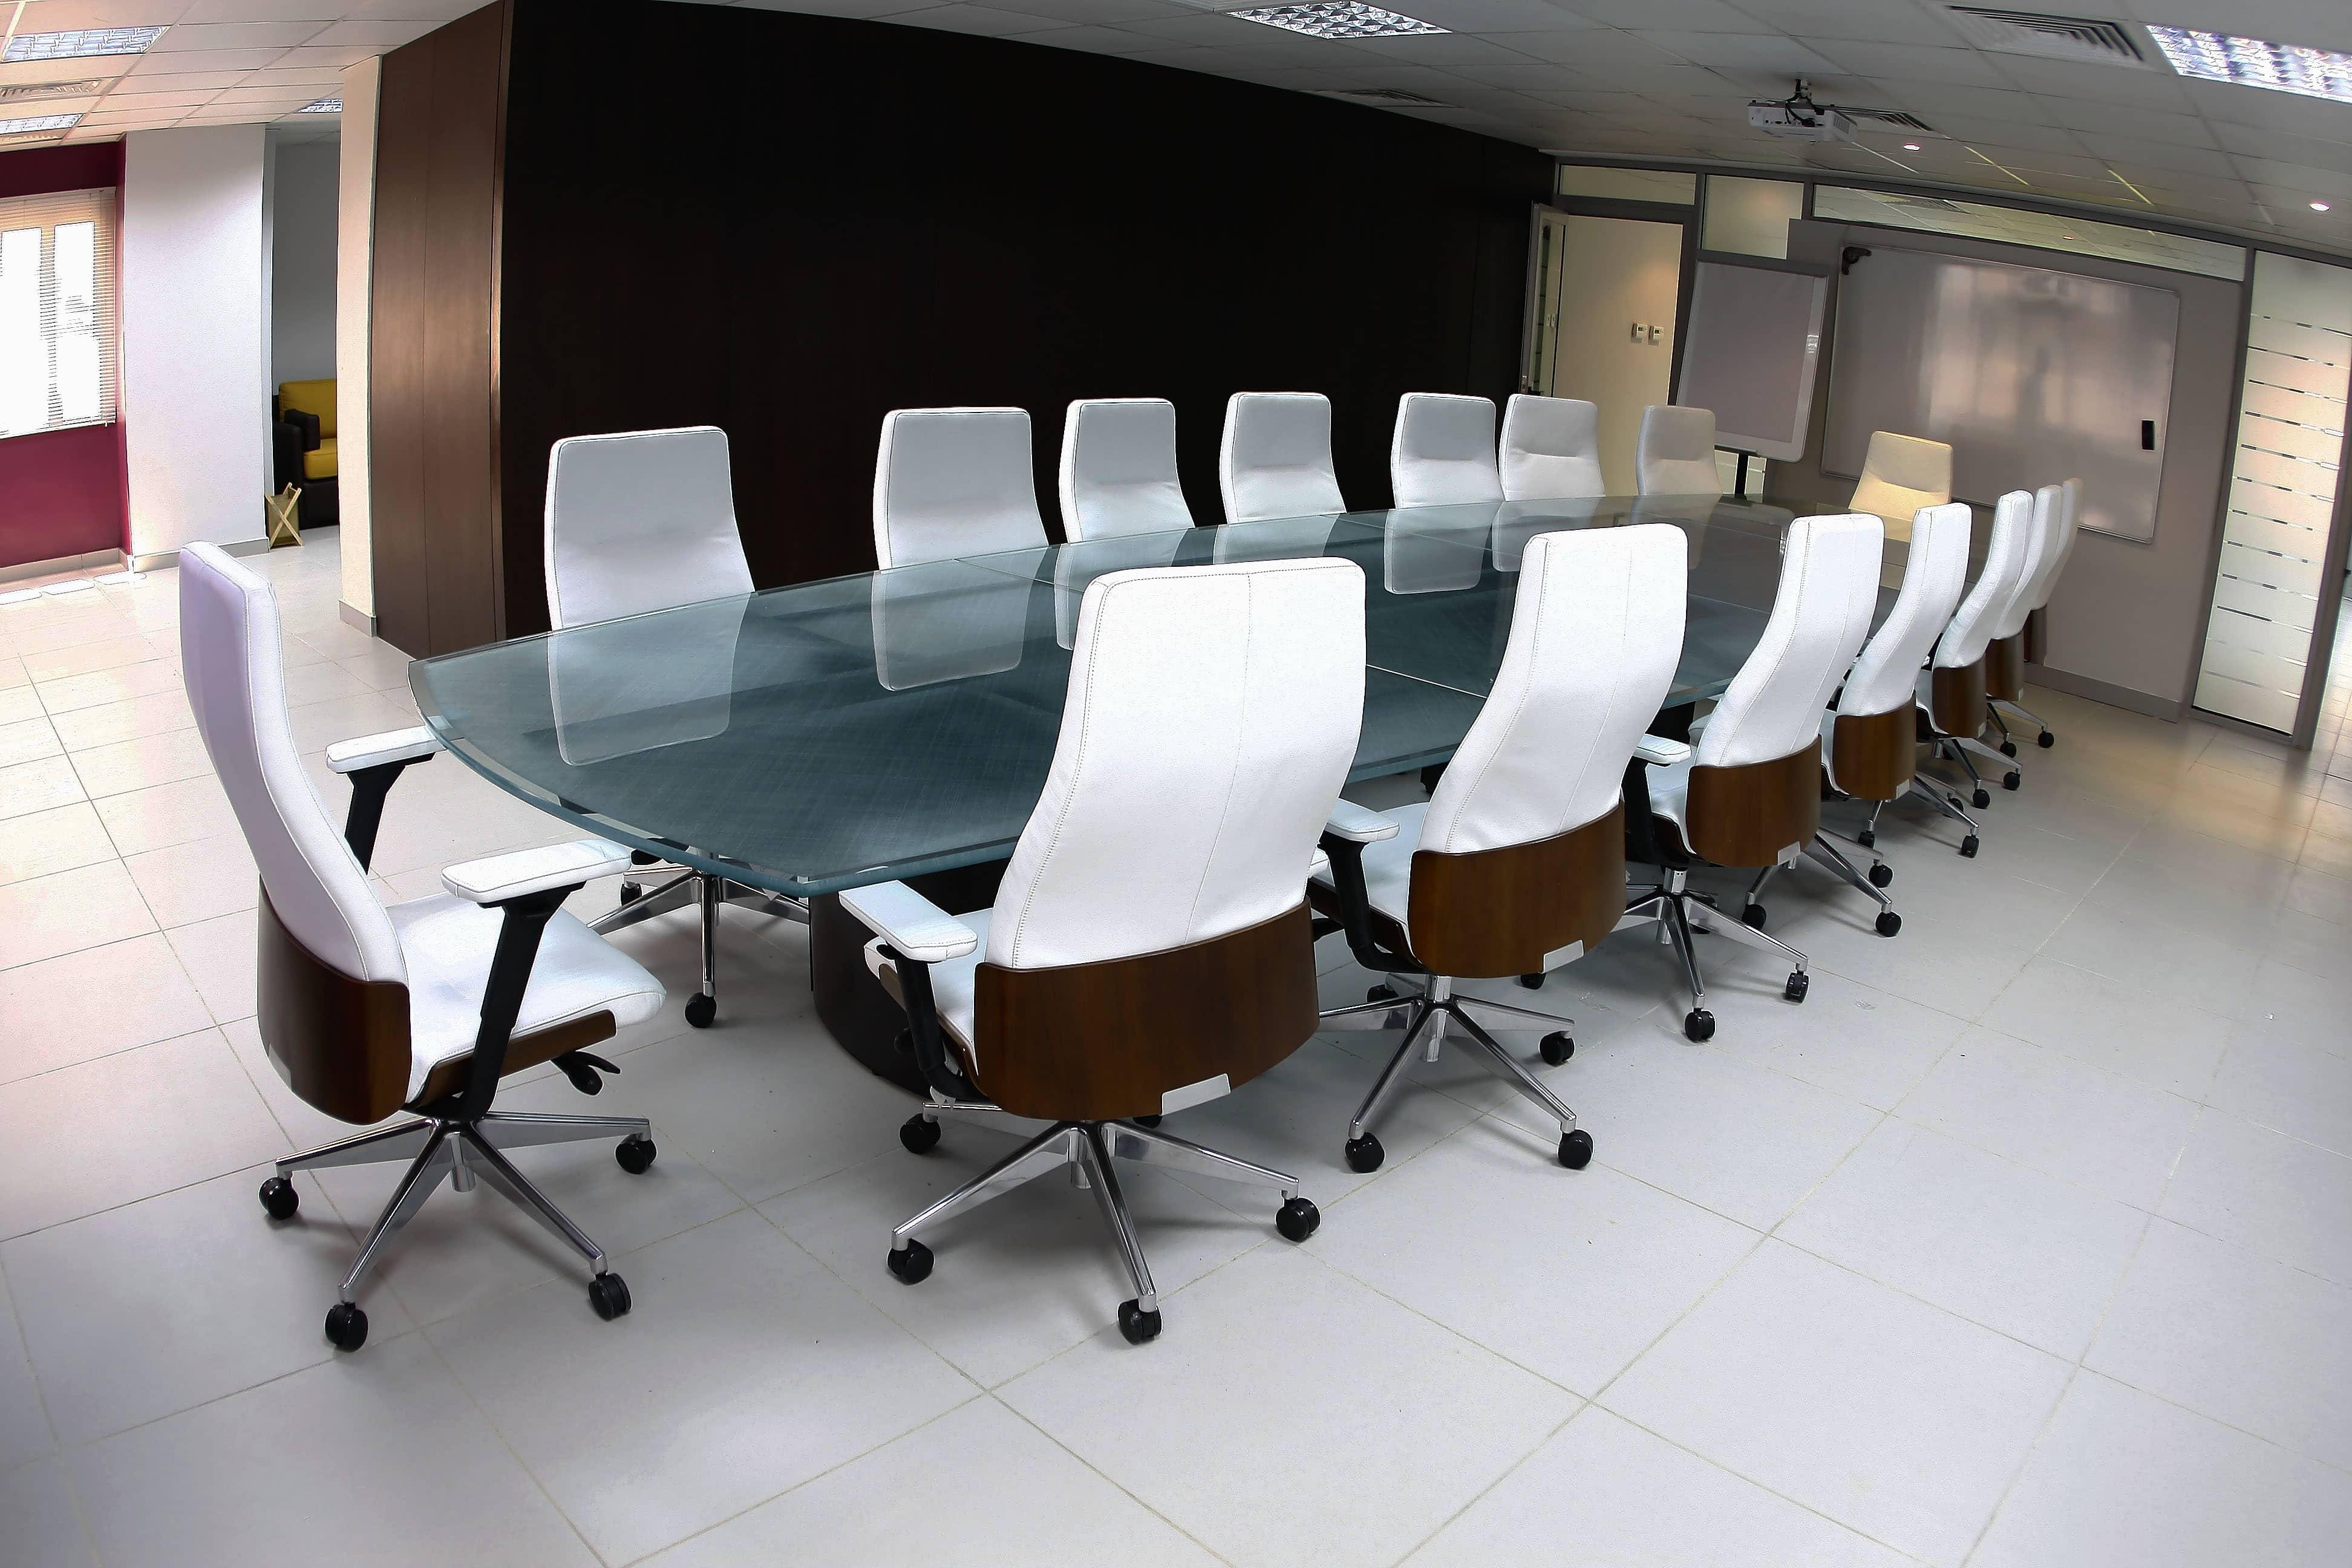 Comment optimiser le fonctionnement de son entreprise de création et ventes de meubles?